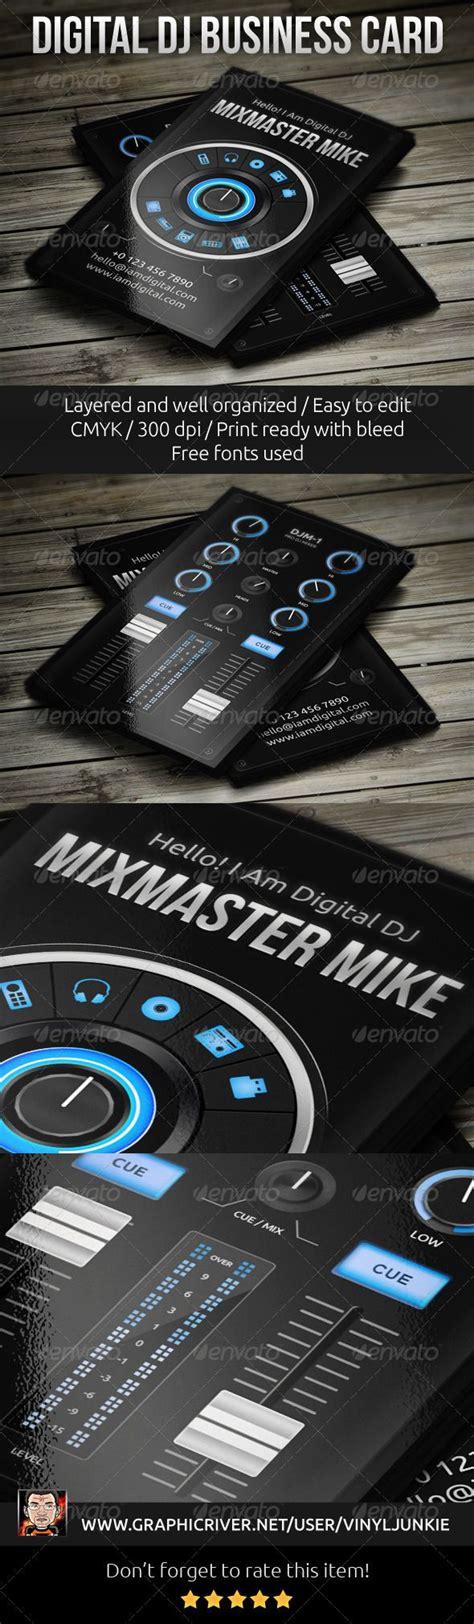 dj business cards templates free dj business cards templates psd choice image card design